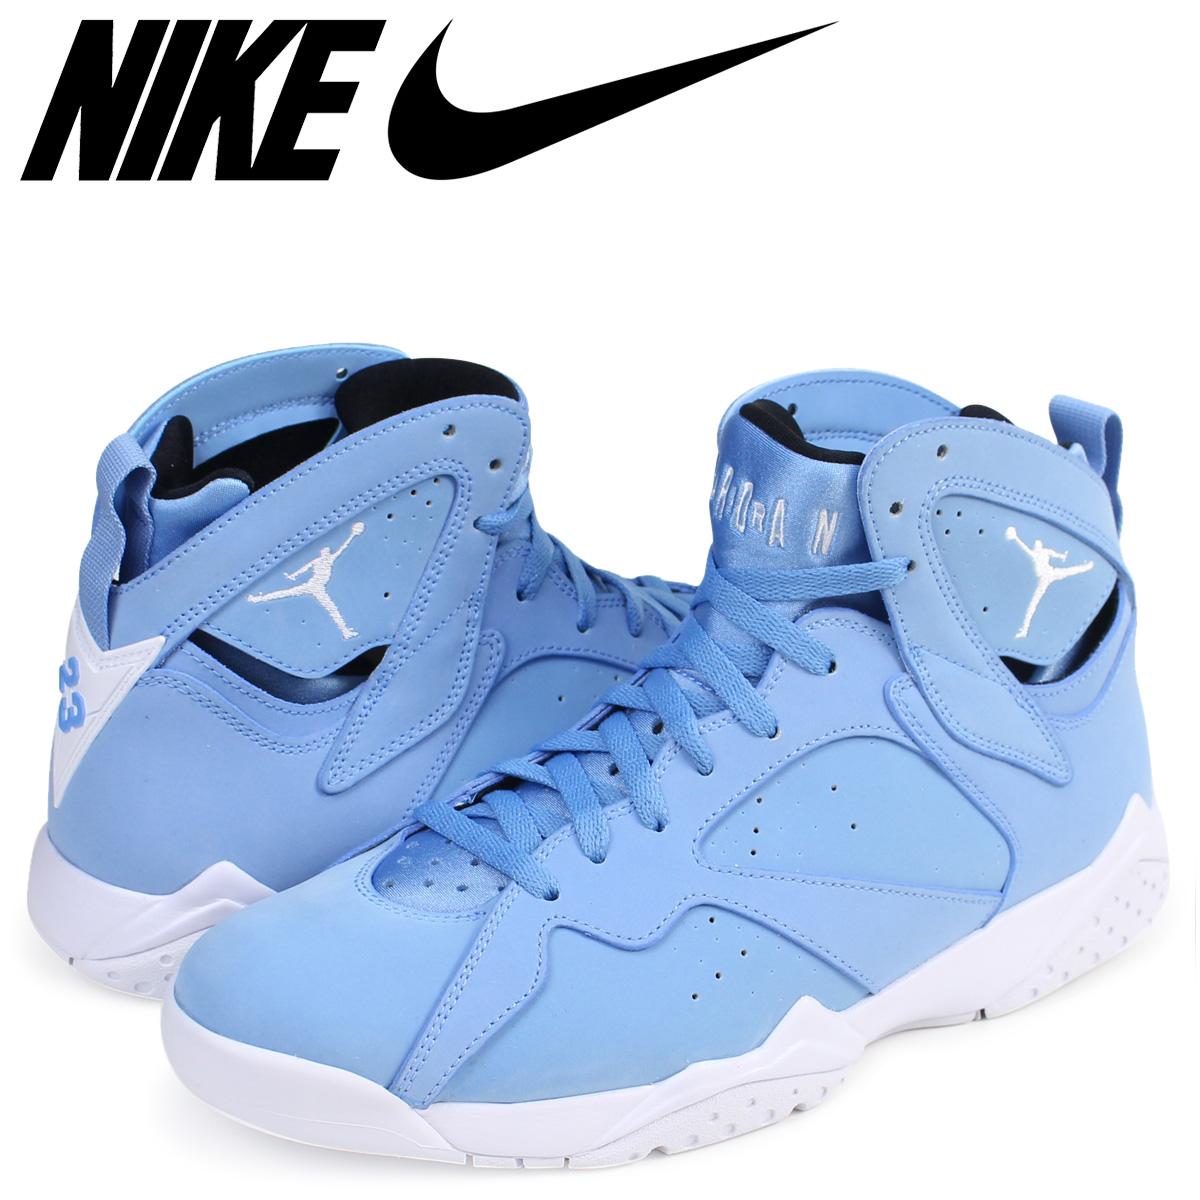 gorące wyprzedaże sekcja specjalna nowy przyjazd Nike NIKE Air Jordan 7 nostalgic sneakers AIR JORDAN 7 RETRO PANTONE  304,775-400 men's shoes blue